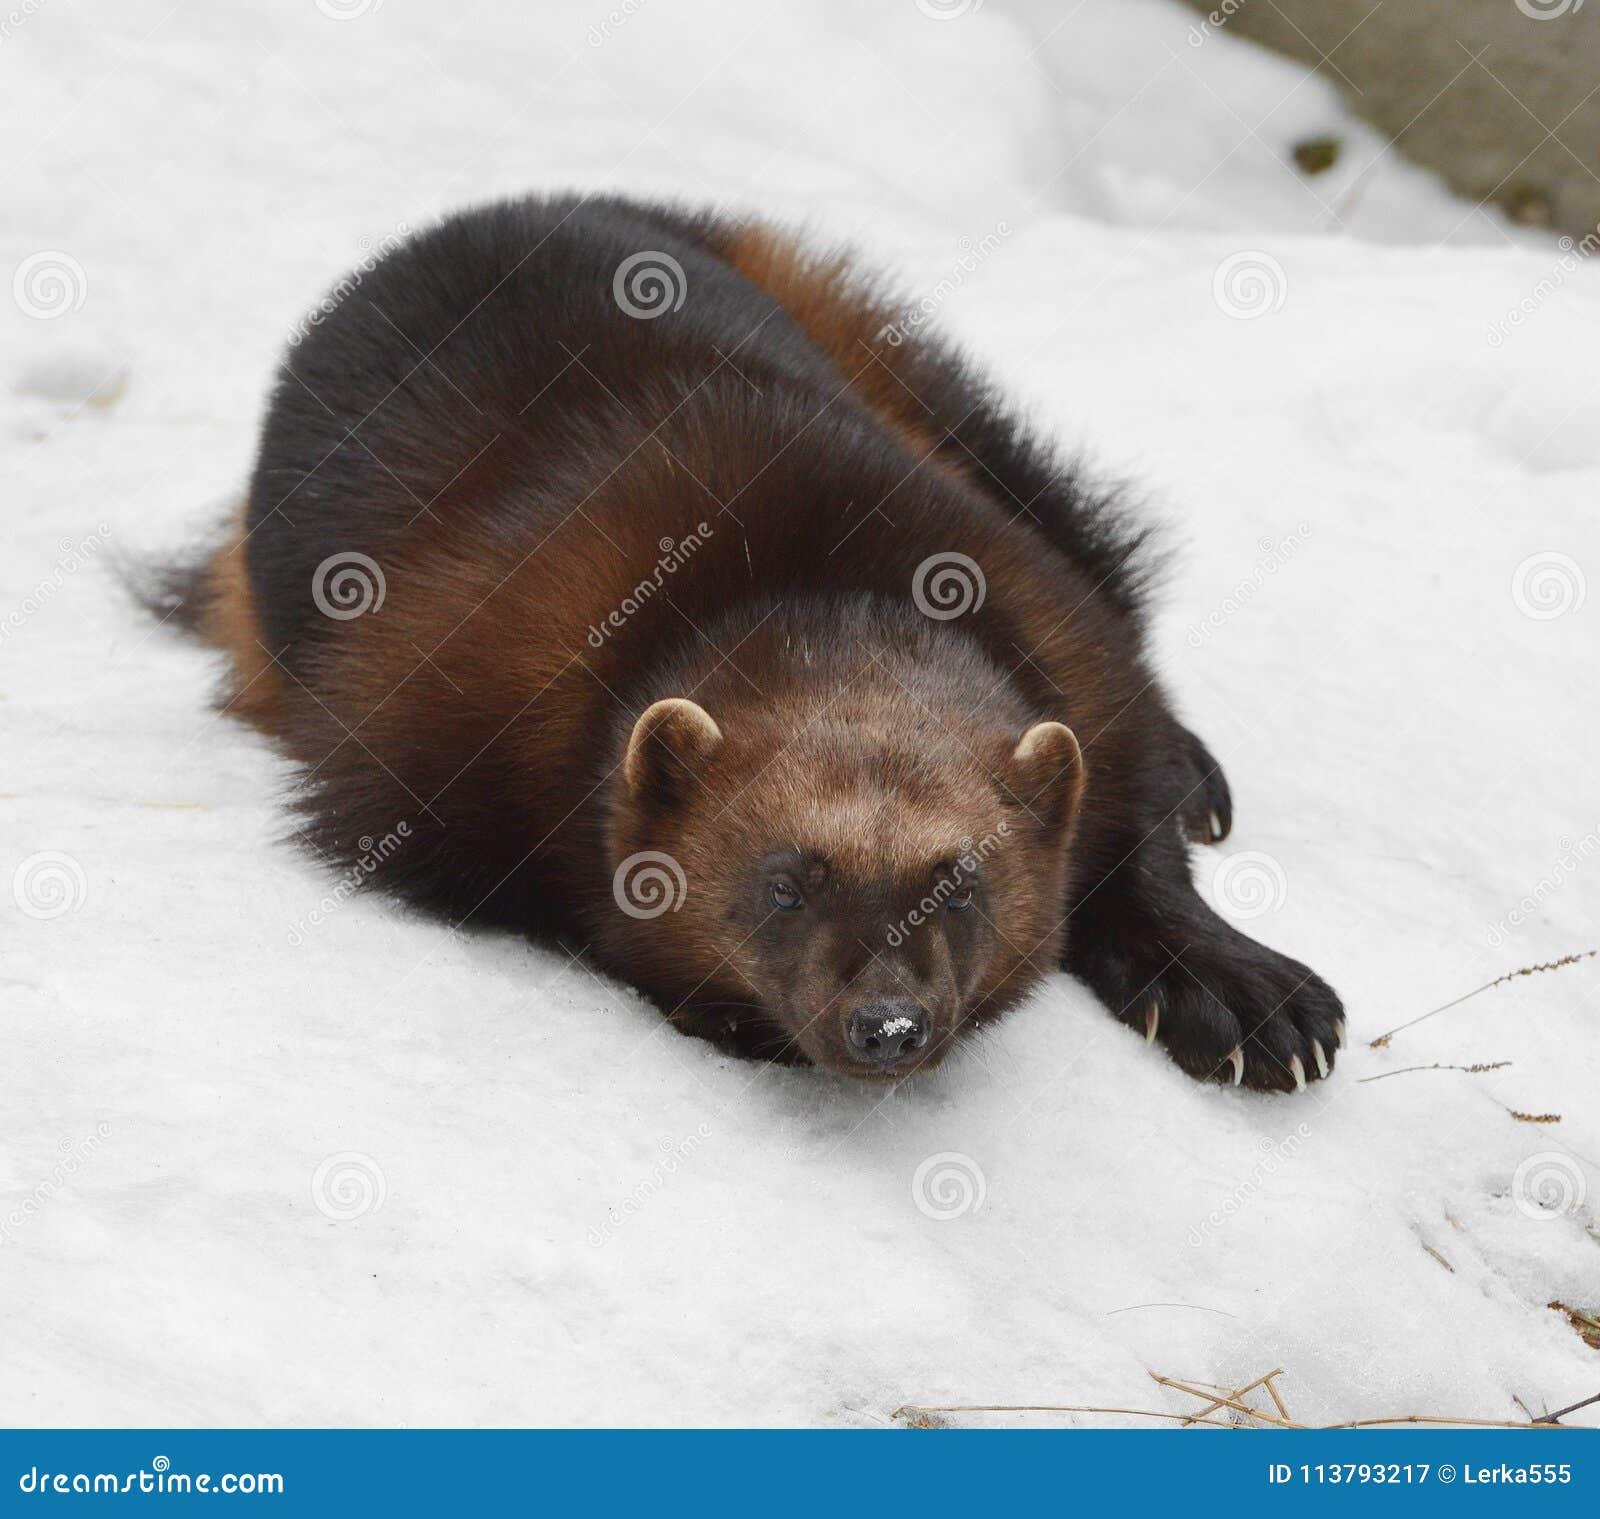 密歇根本地人,狼獾属狼獾属狼獾属为`暴食者`是拉丁语,也指暴食者, carcajou,臭鼬熊